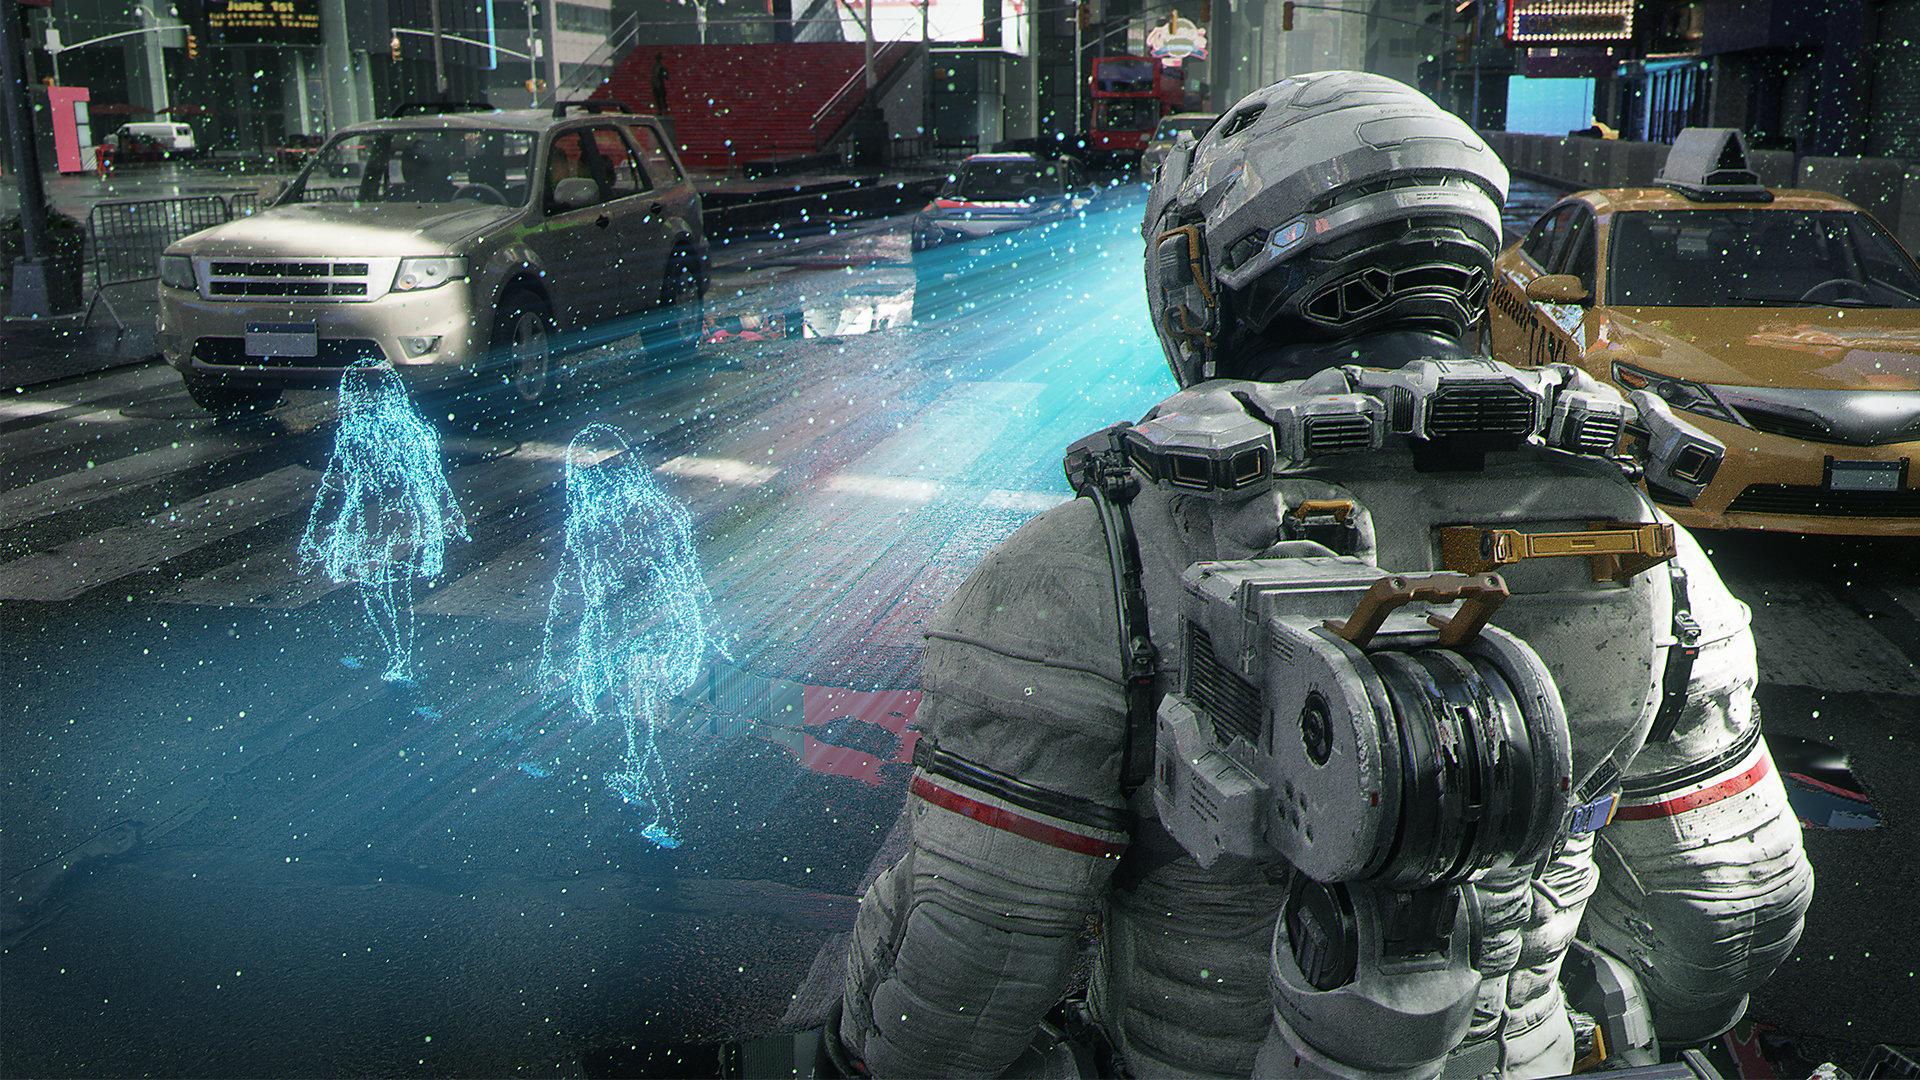 Худшее впереди: 2021 год может стать большим разочарованием для геймеров